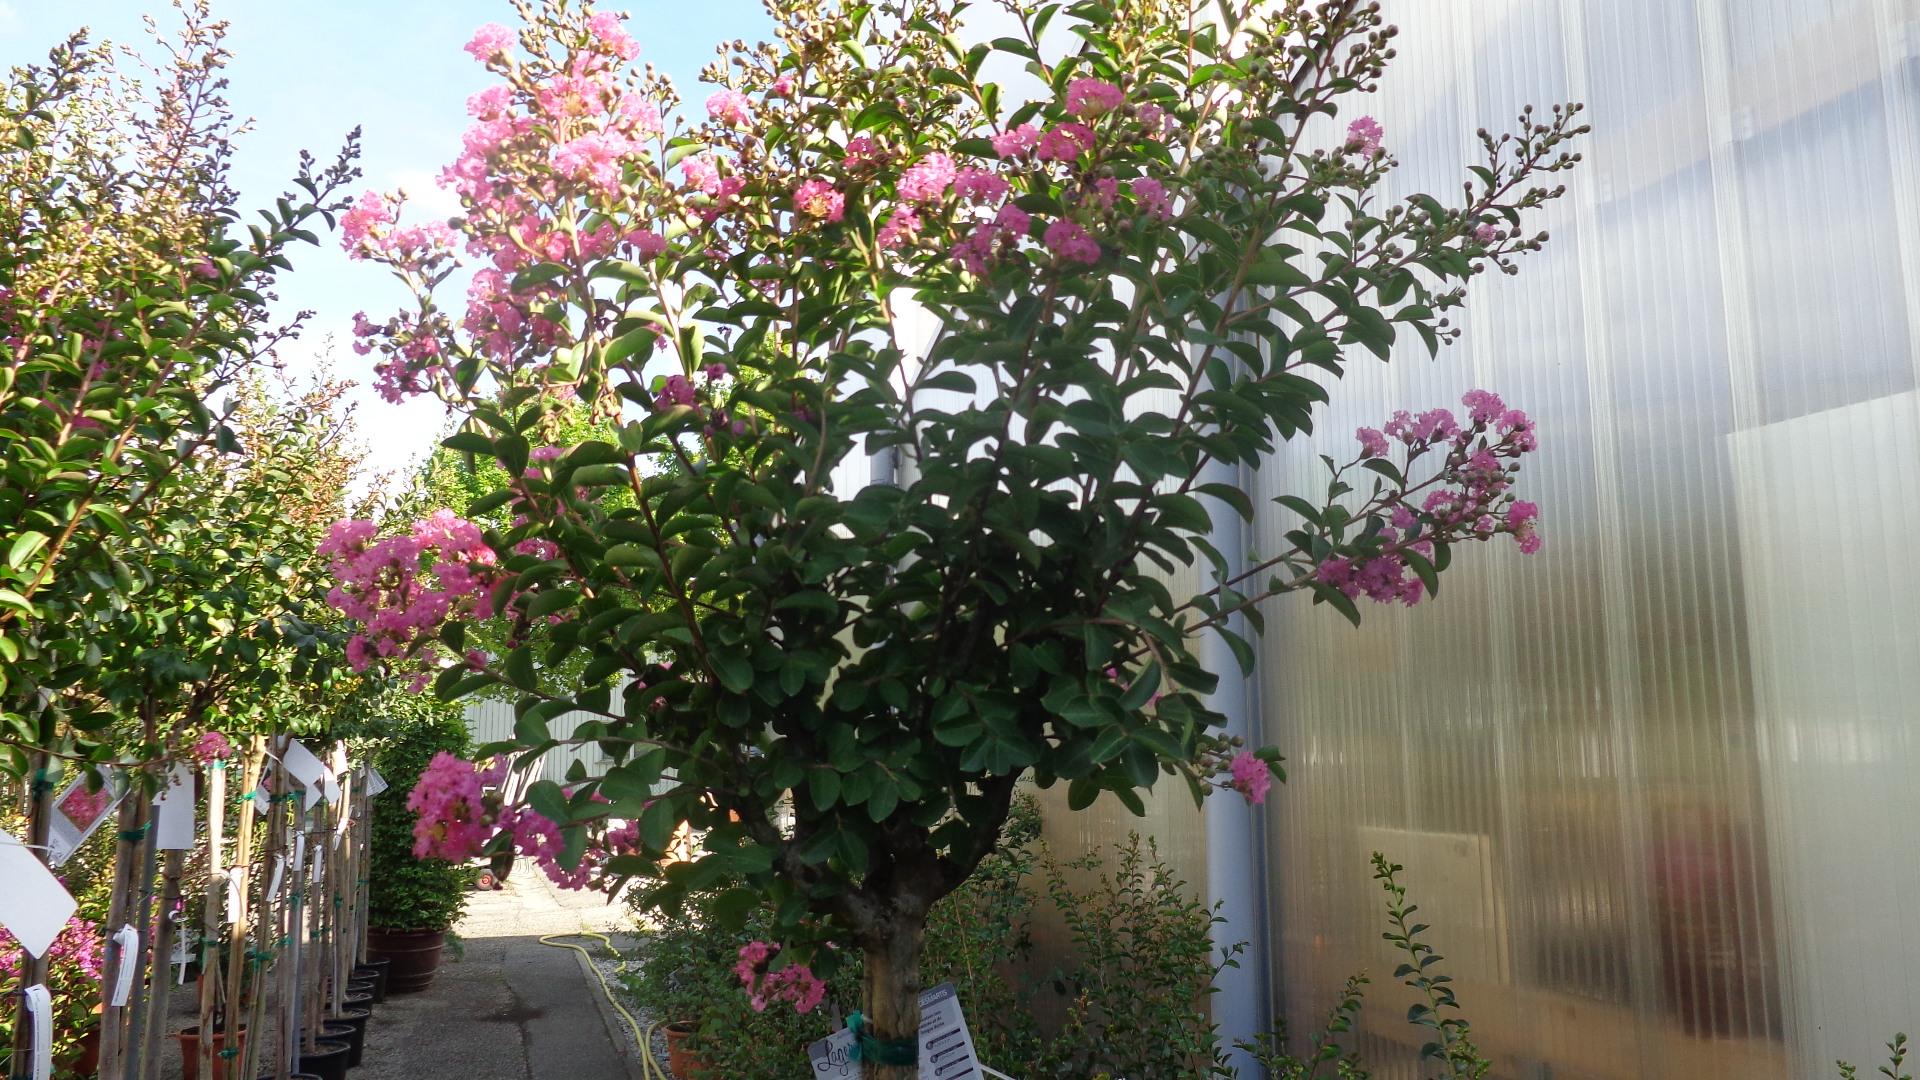 Les lilas des Indes, aussi appelé Lagestroemias, sont encore en fleurs !